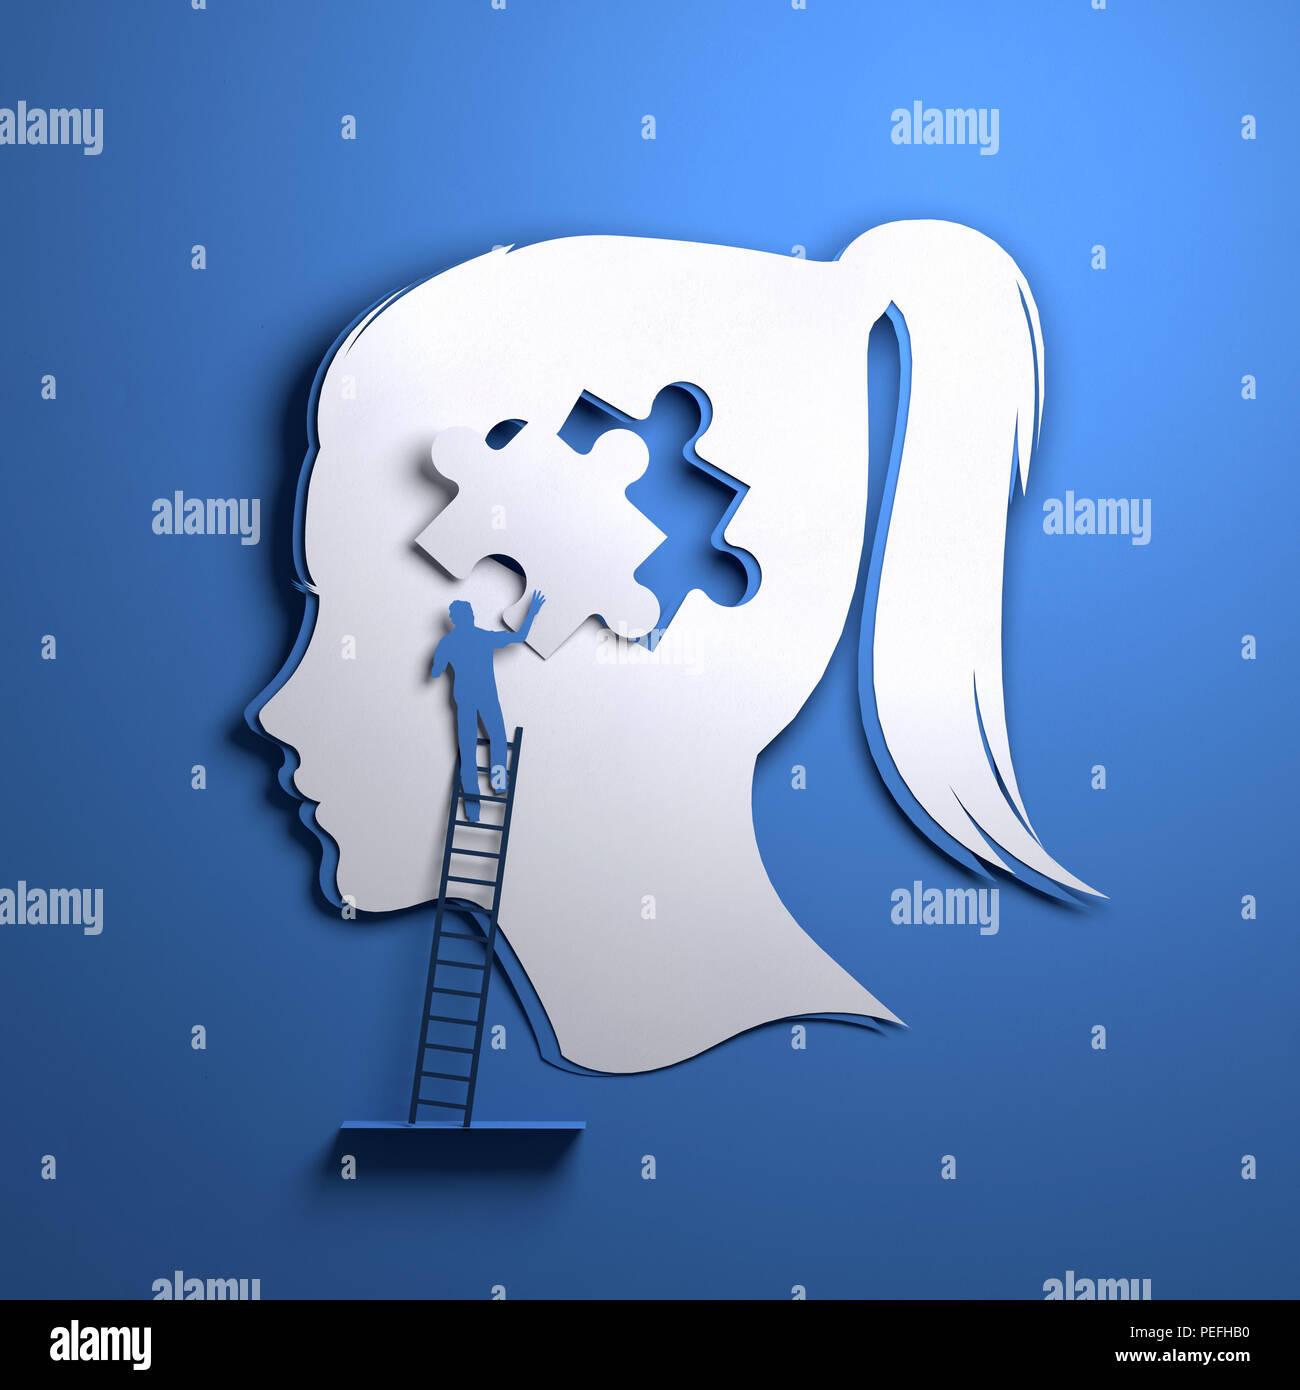 Papier plié origami. La silhouette d'une tête de femme avec une personne l'ajout d'une pièce du puzzle. Mindfulness conceptuel 3D illustration. Photo Stock